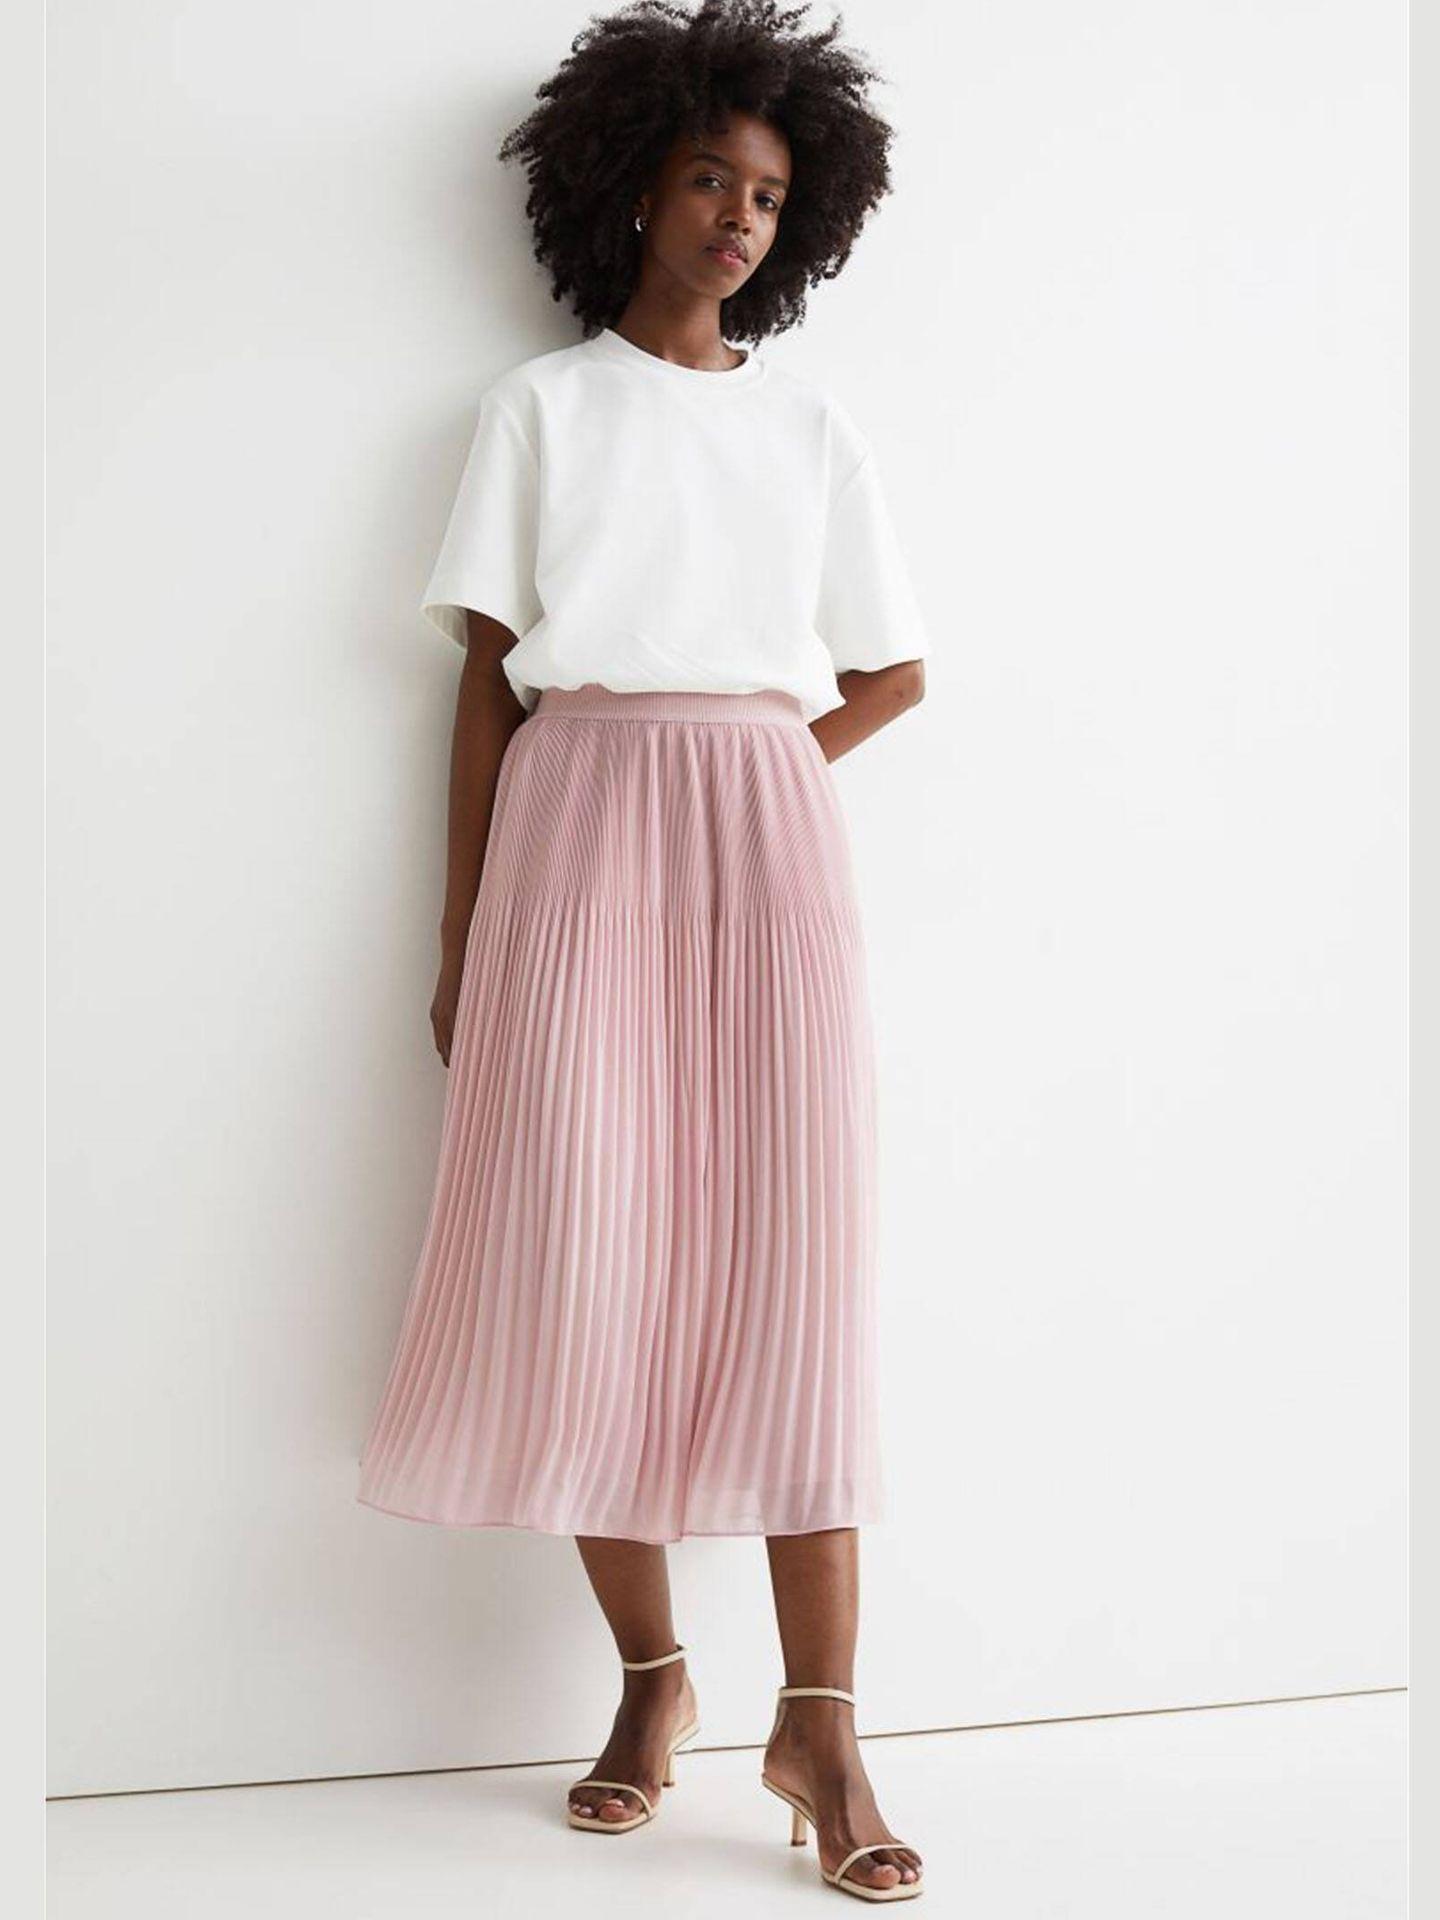 Falda midi plisada de HyM. (Cortesía)